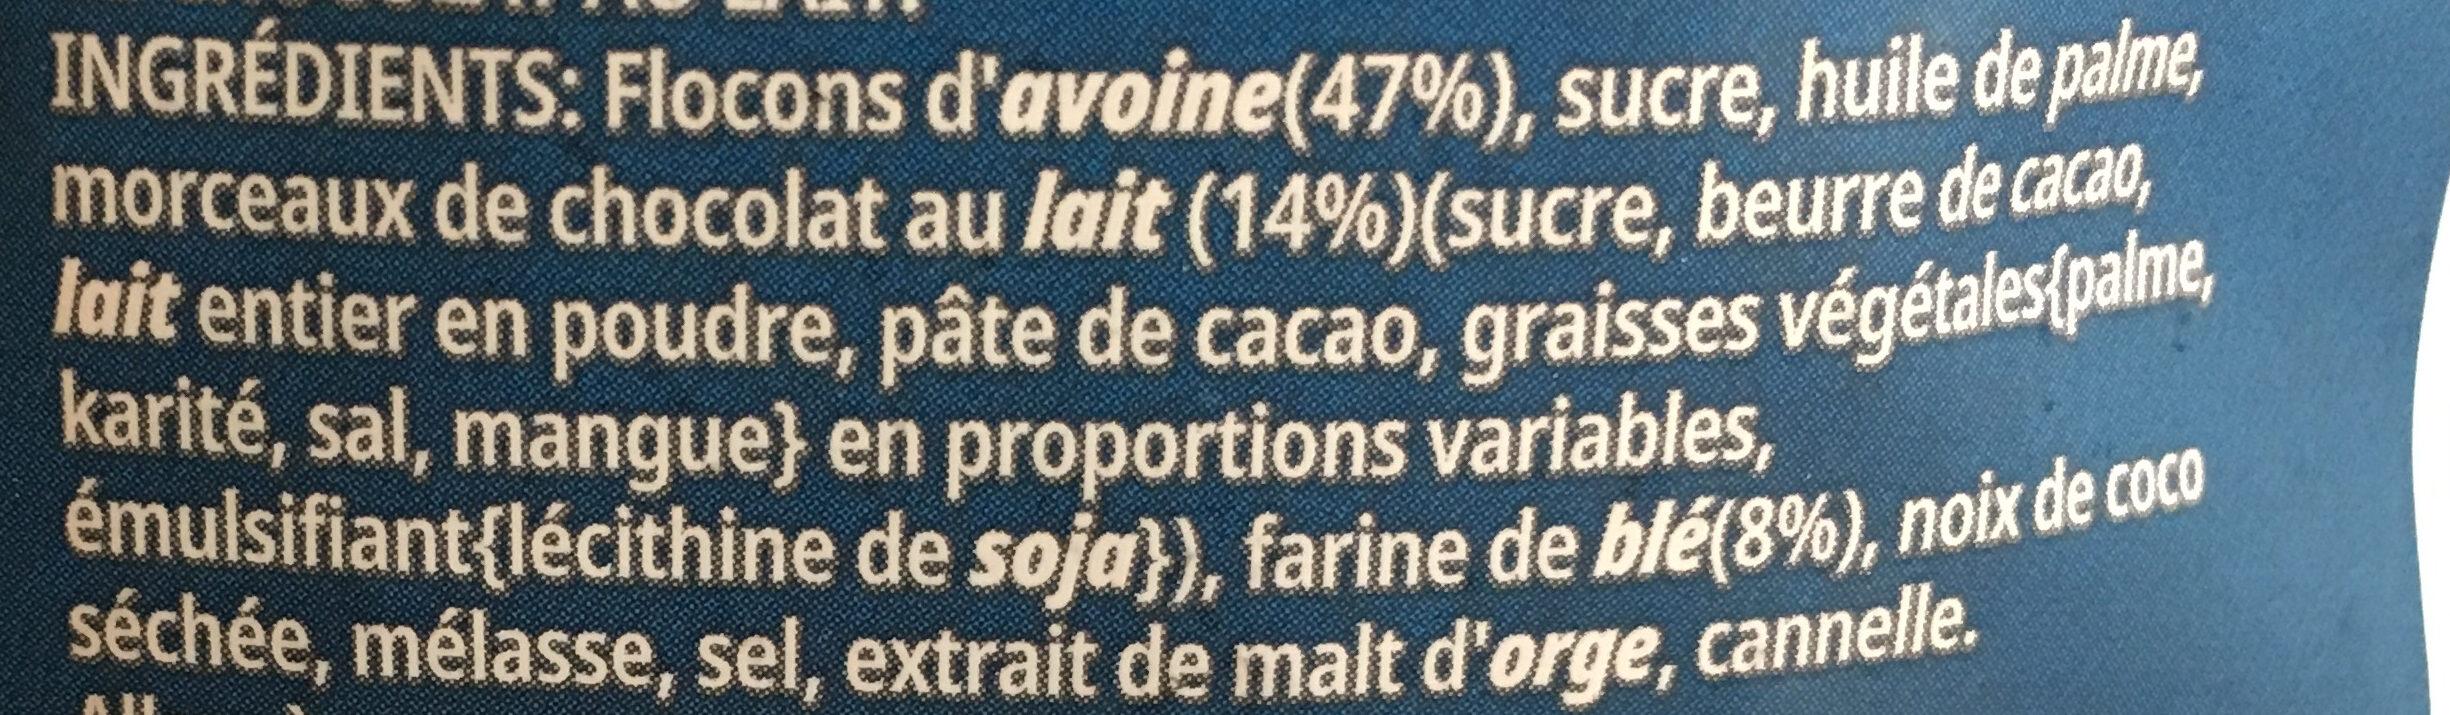 Céréales Extra Kellogg's Chocolat au Lait - Ingrediënten - fr